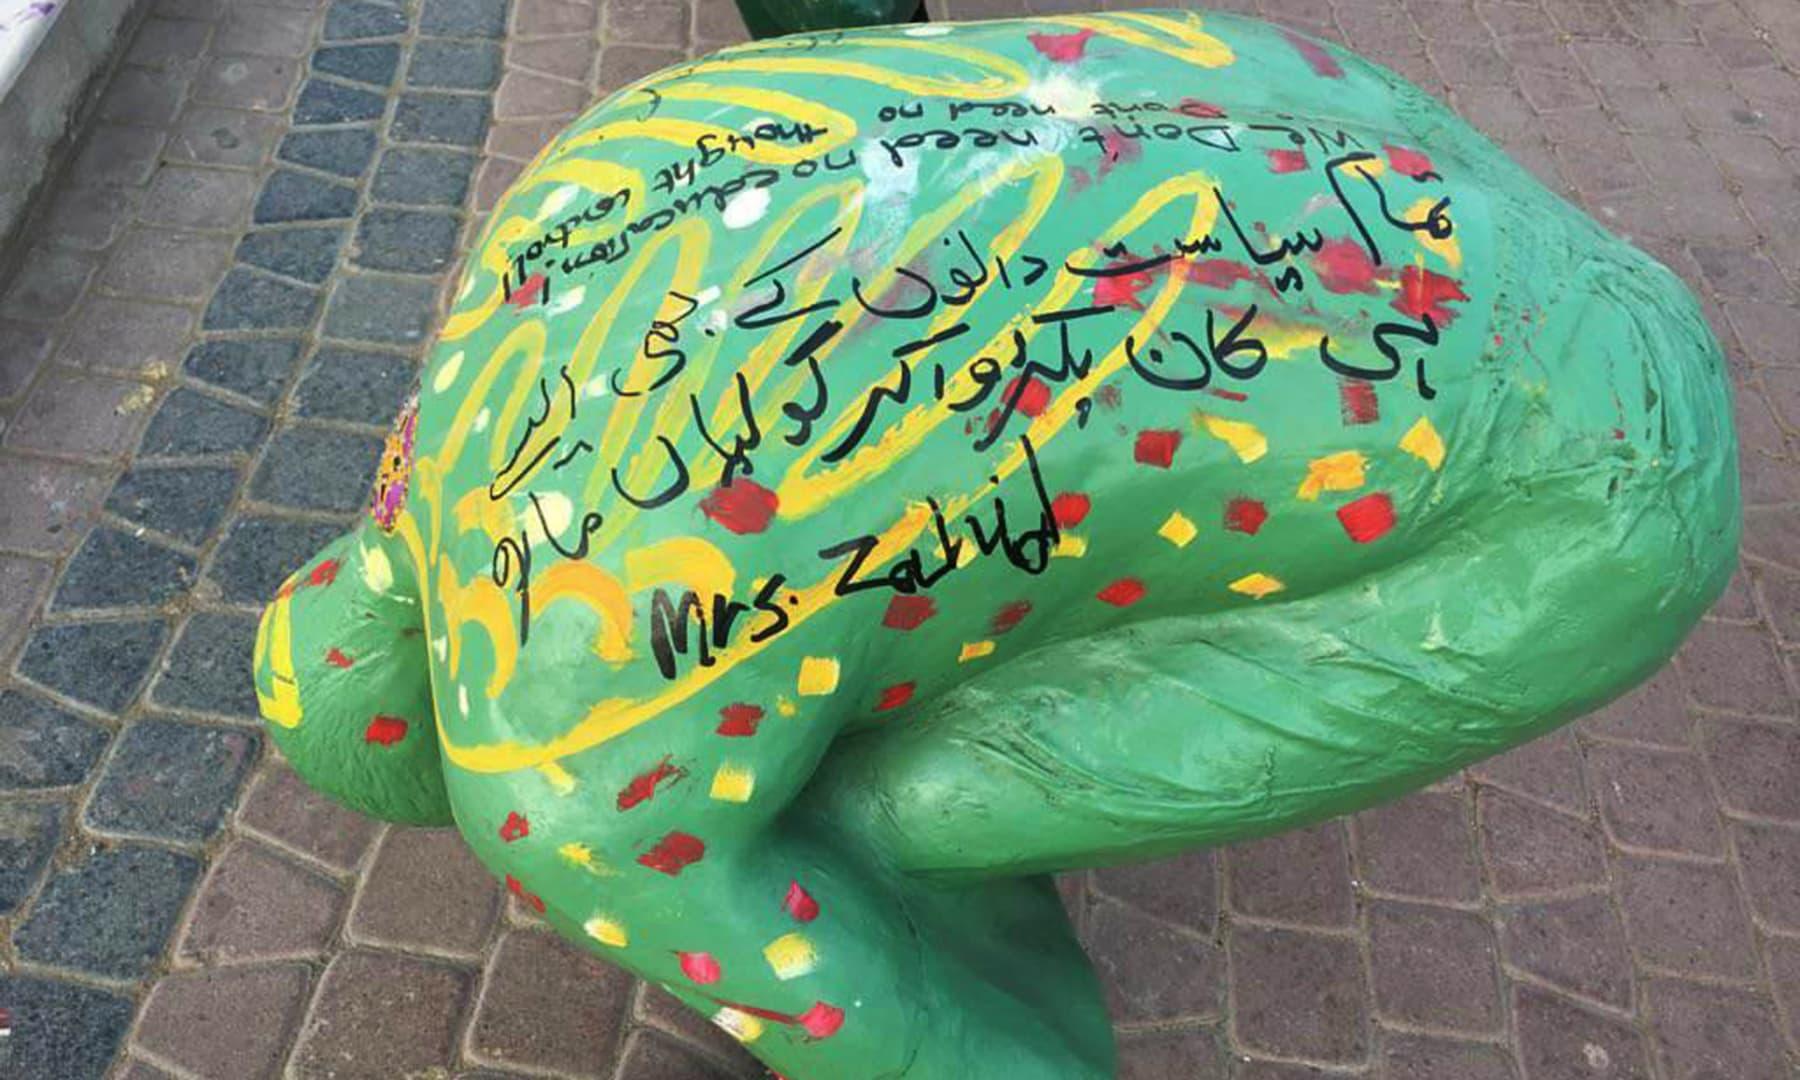 ایک مجسمے پر سیاستدان کو برا بھلا کہا گیا—تصویر امیر محمد خان